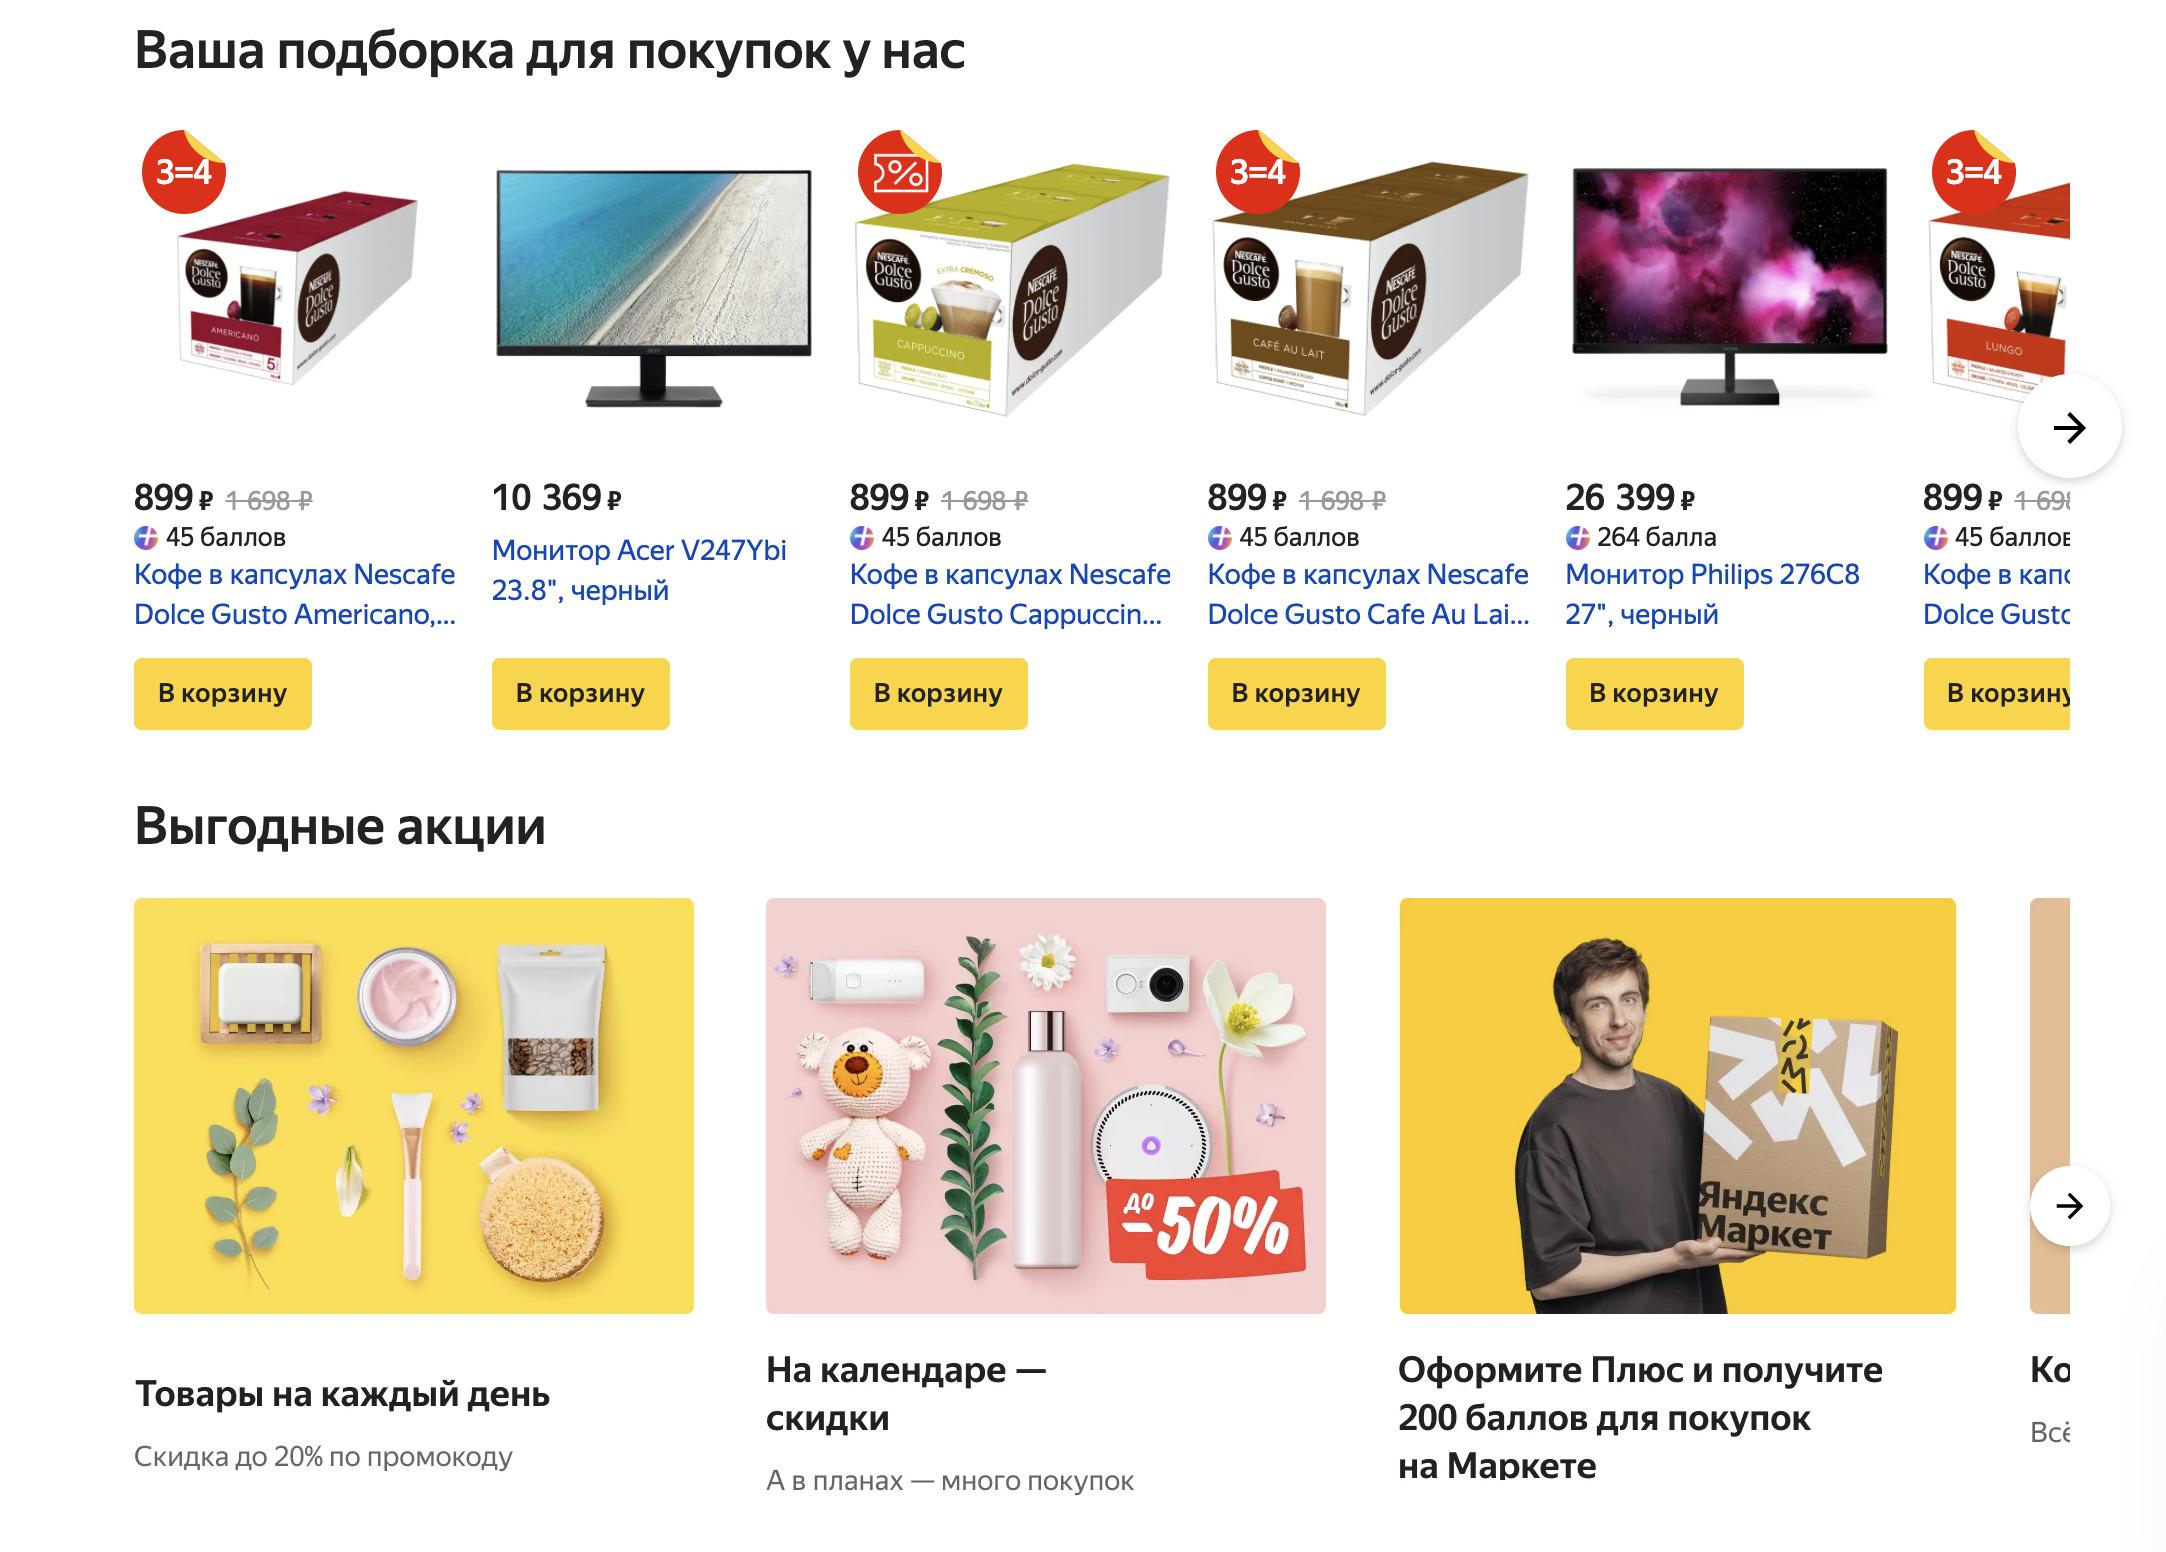 Доставка из Яндекс.Маркет в Нягань, сроки, пункты выдачи, каталог